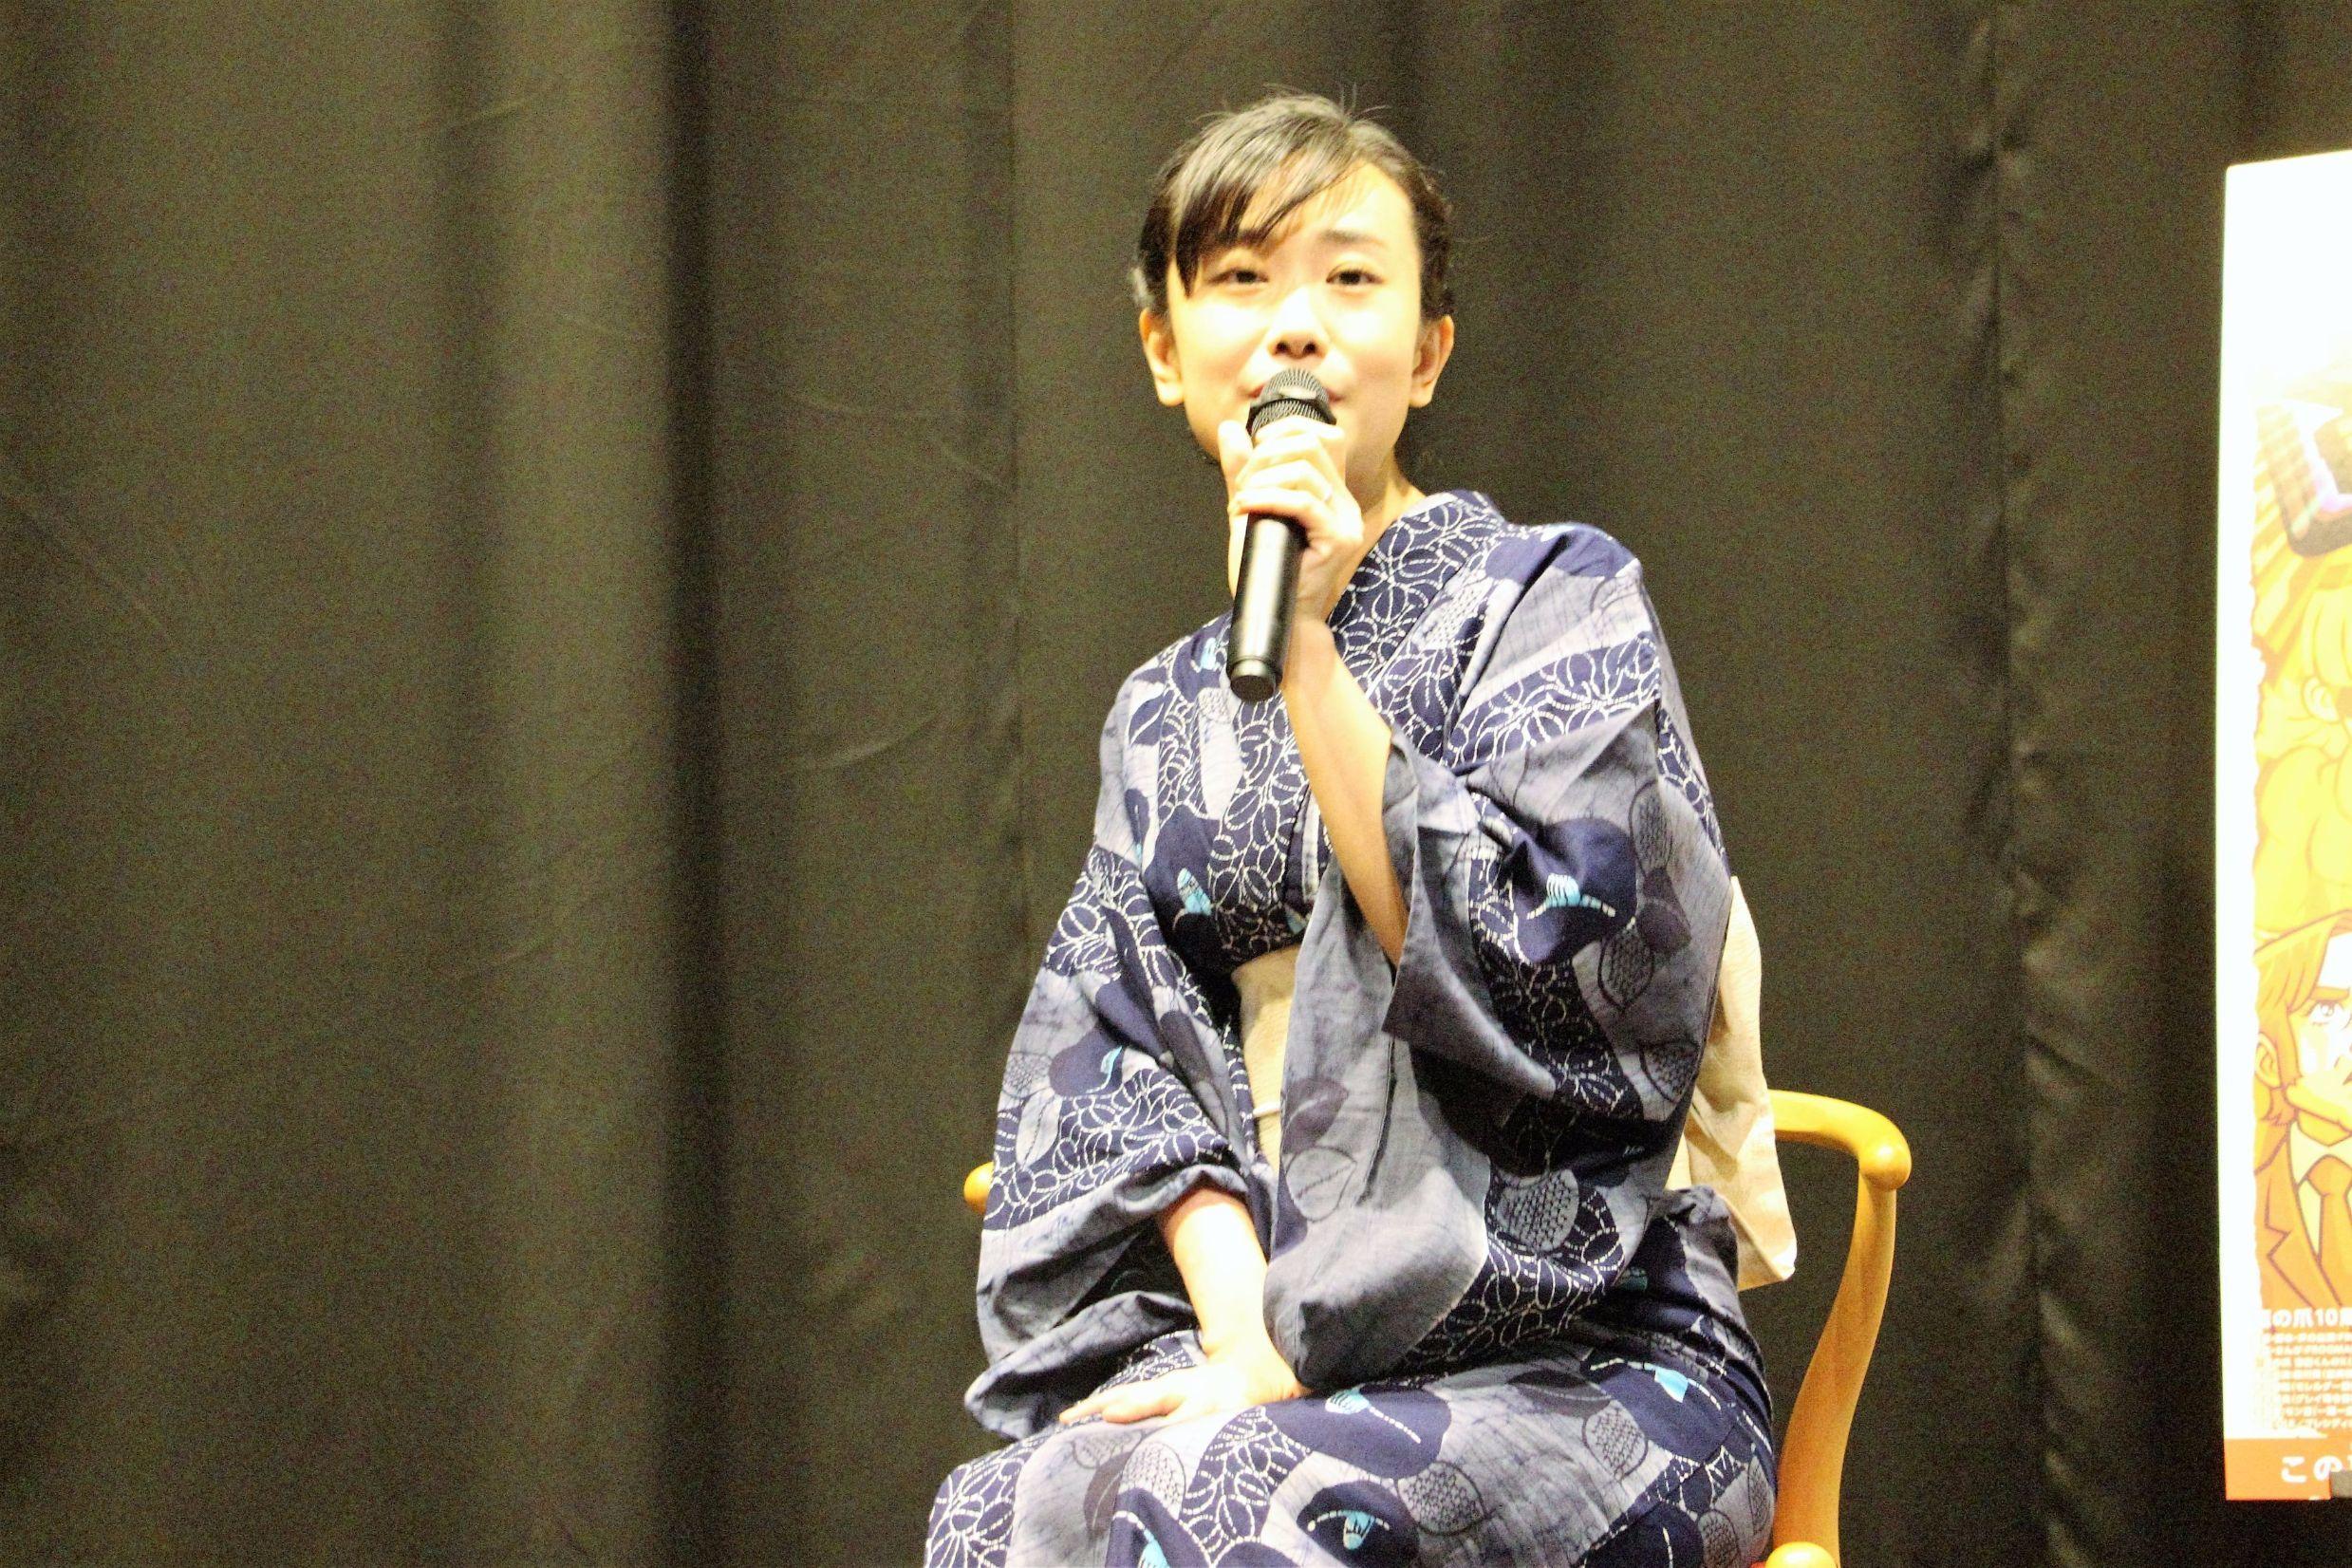 上野アサはFROGMAN作品の女性キャラクターのほとんどを担当する常連声優